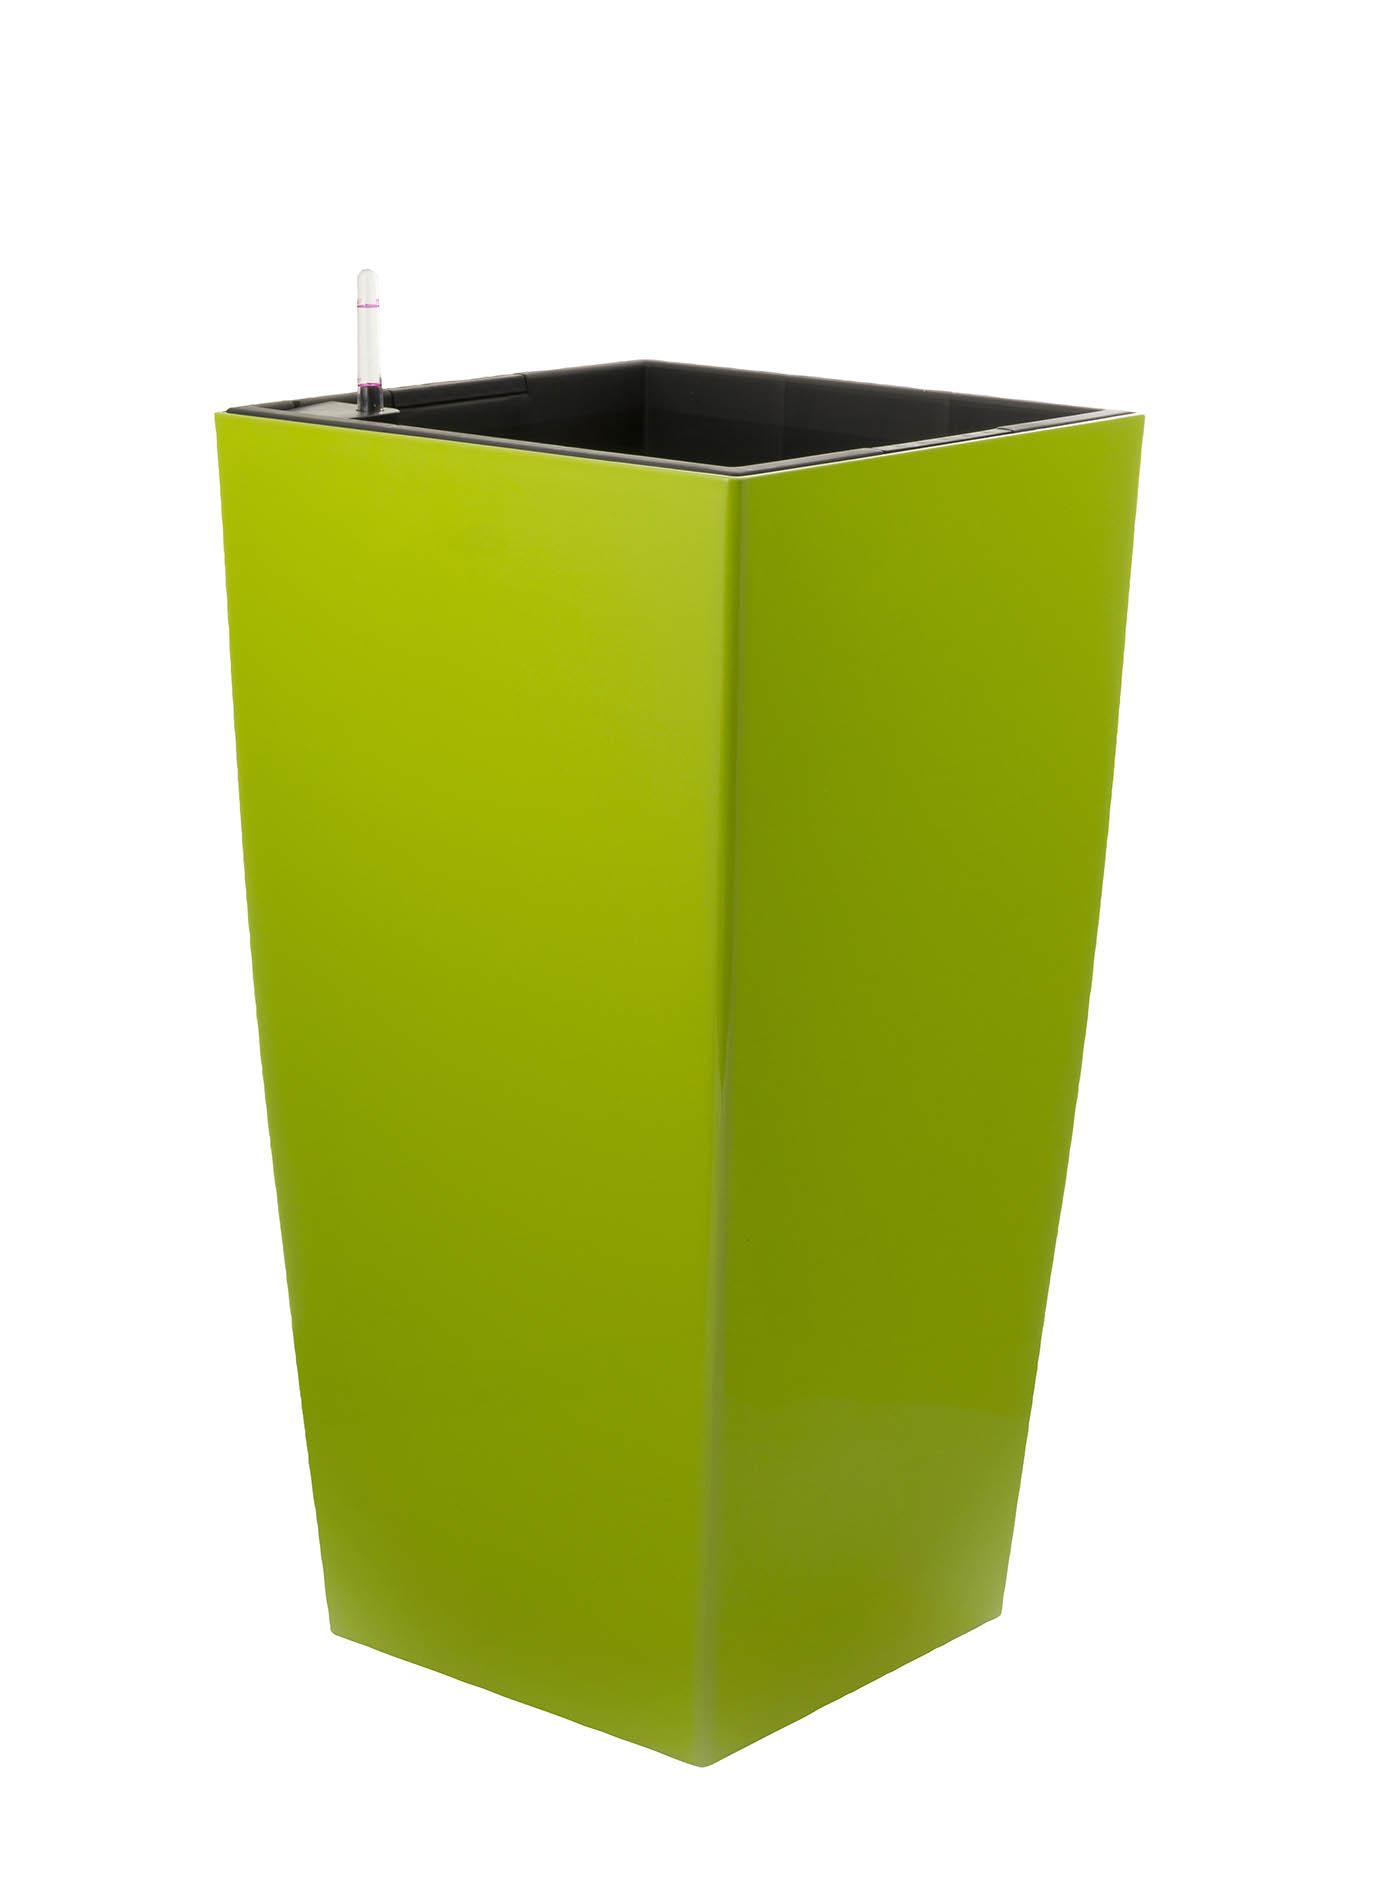 Samozavlažovací květináč G21 Linea zelený 76 cm